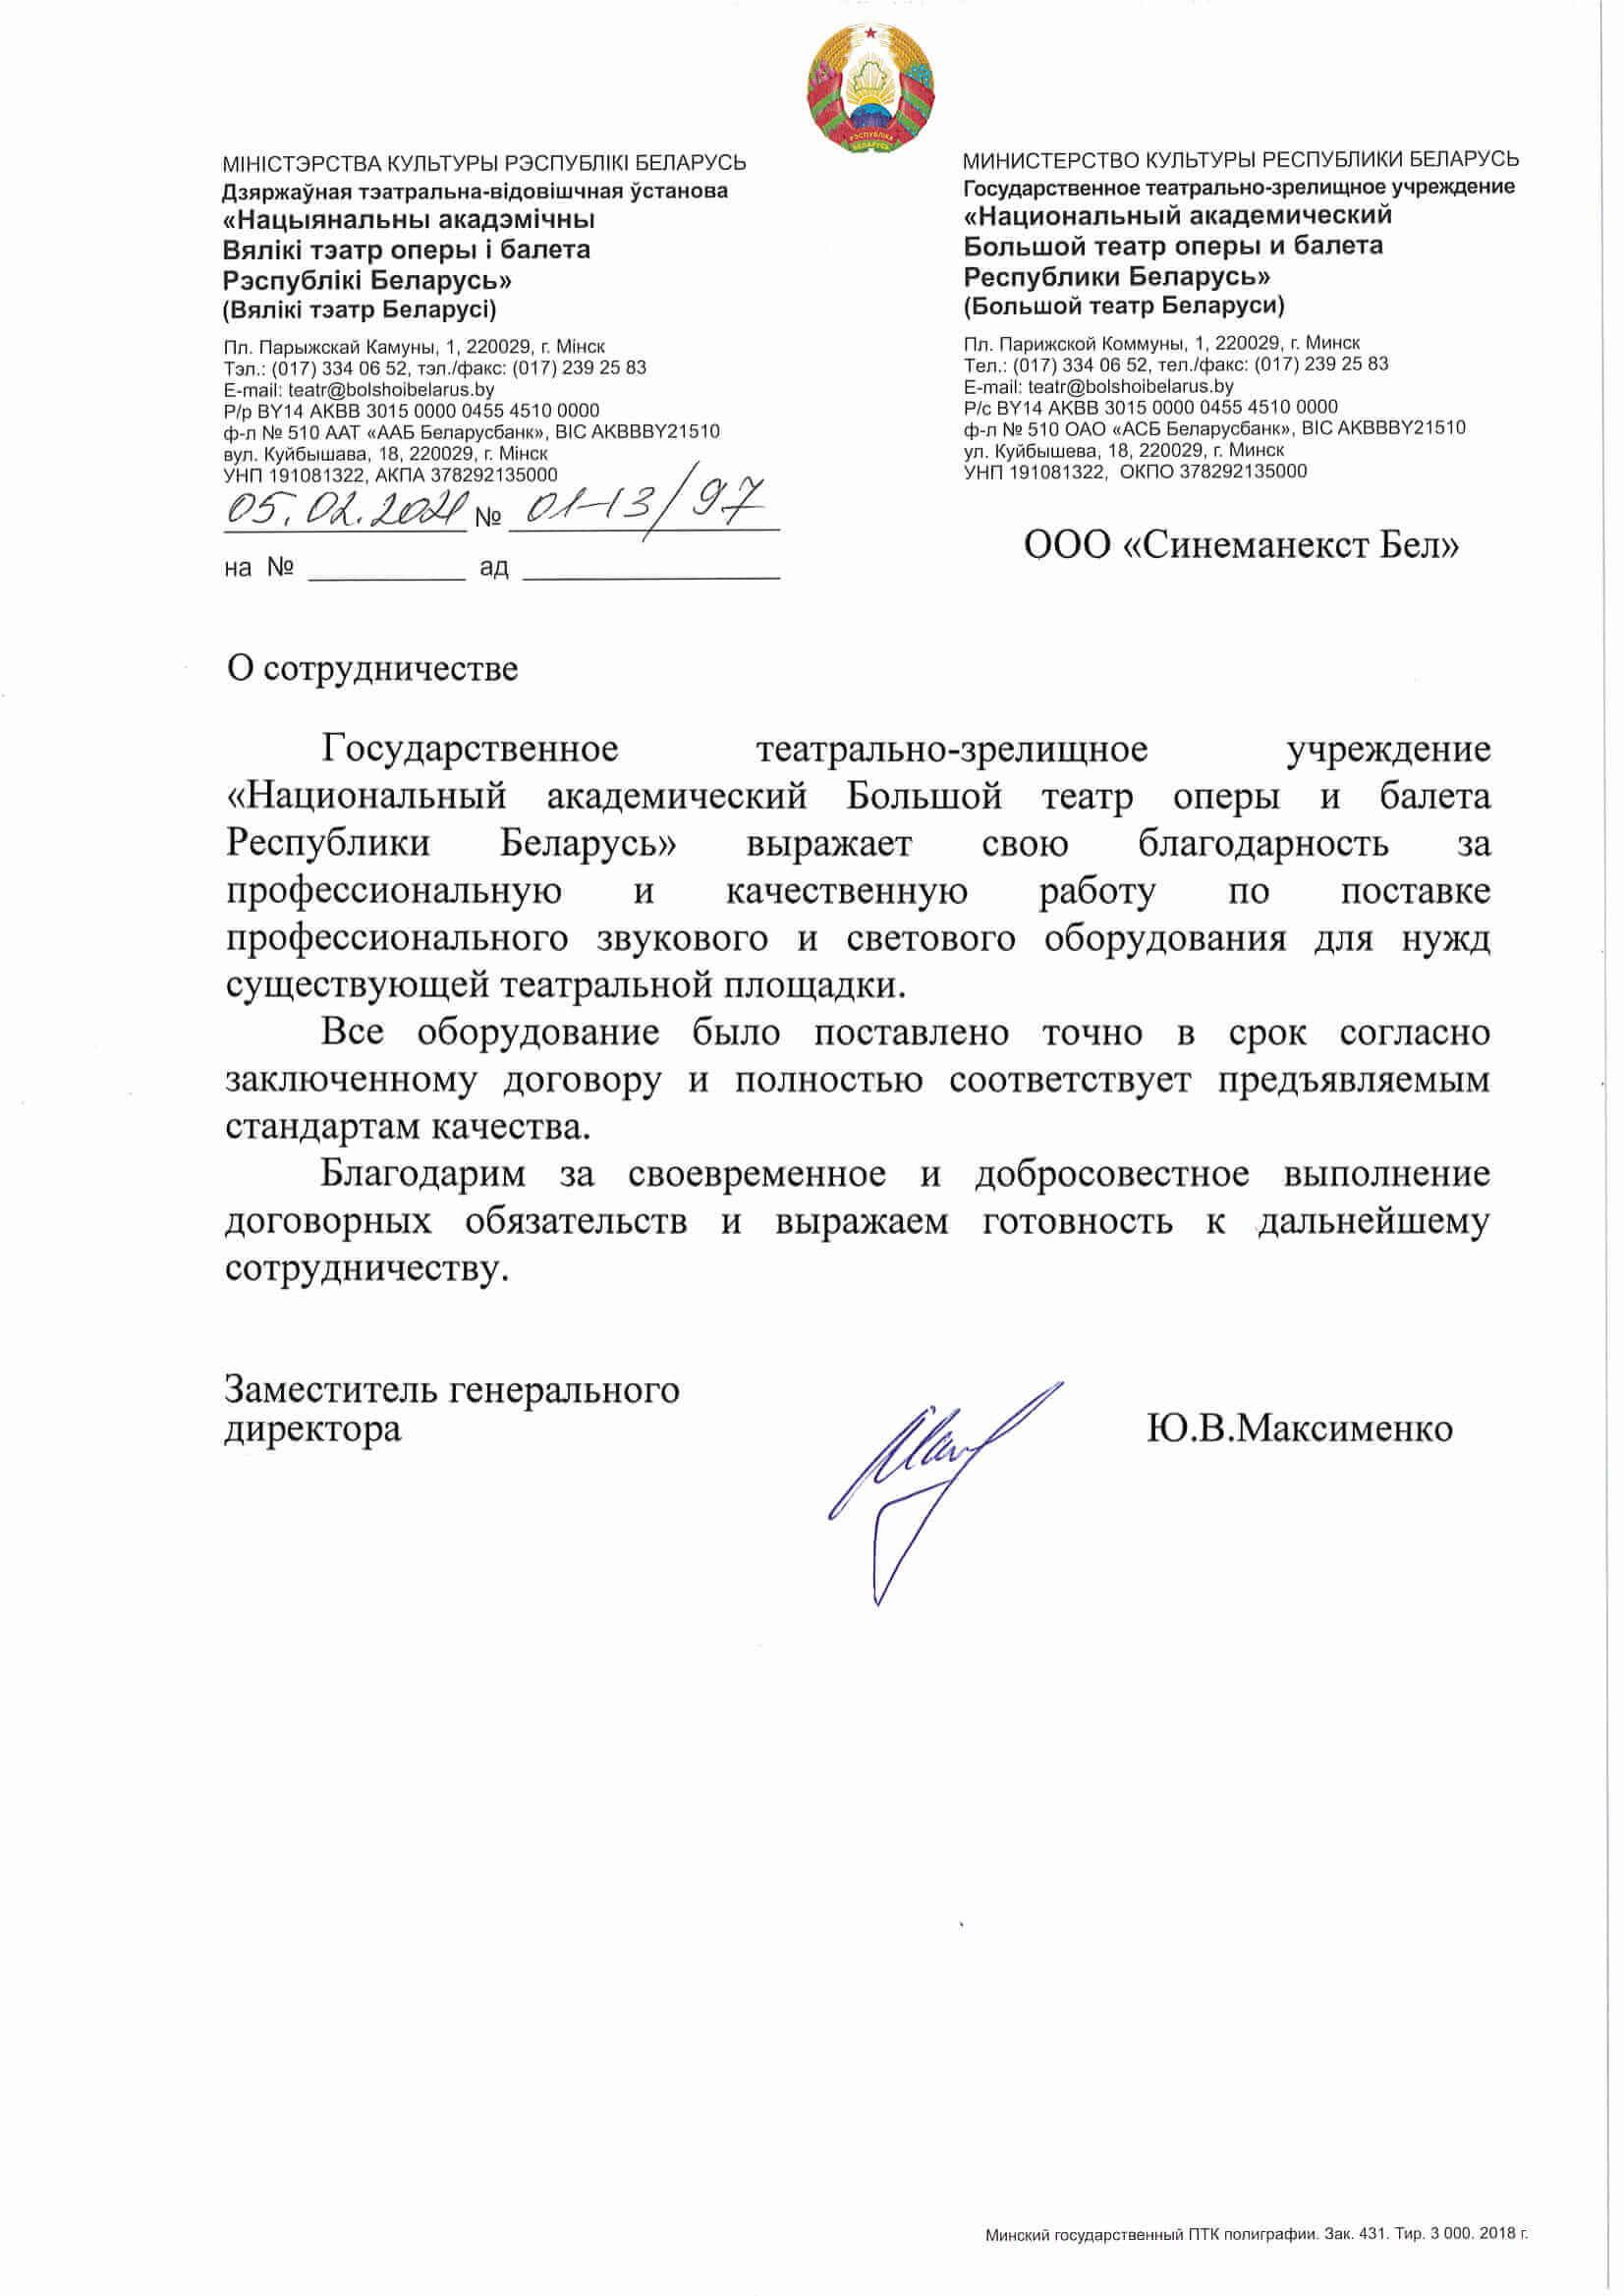 Национальный академический Большой театр оперы и балета РБ